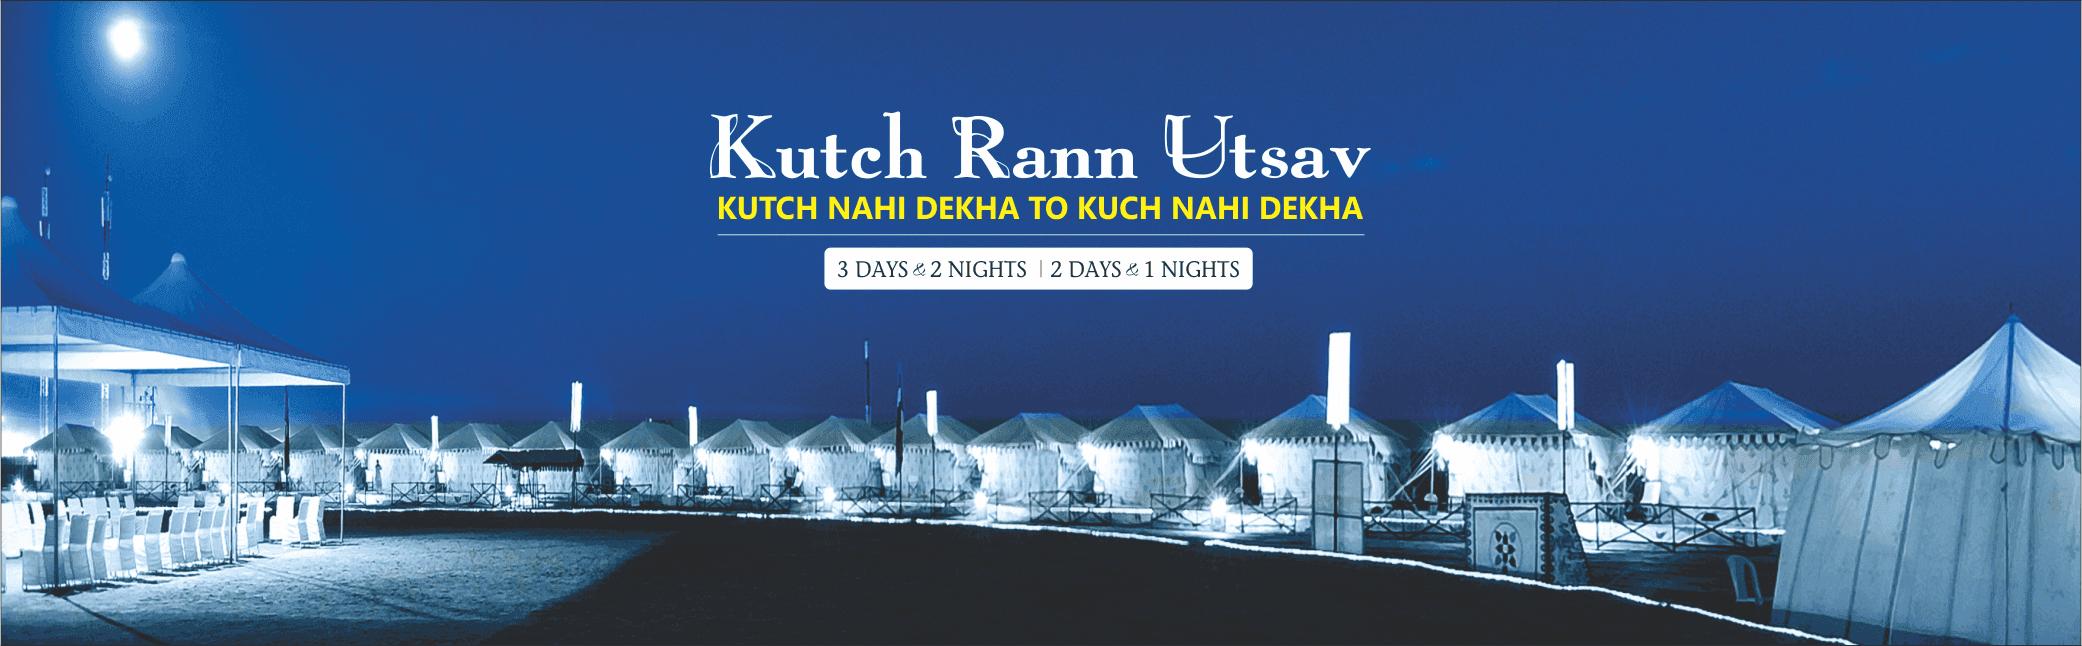 Kutch Rann Utsav Tour Packages